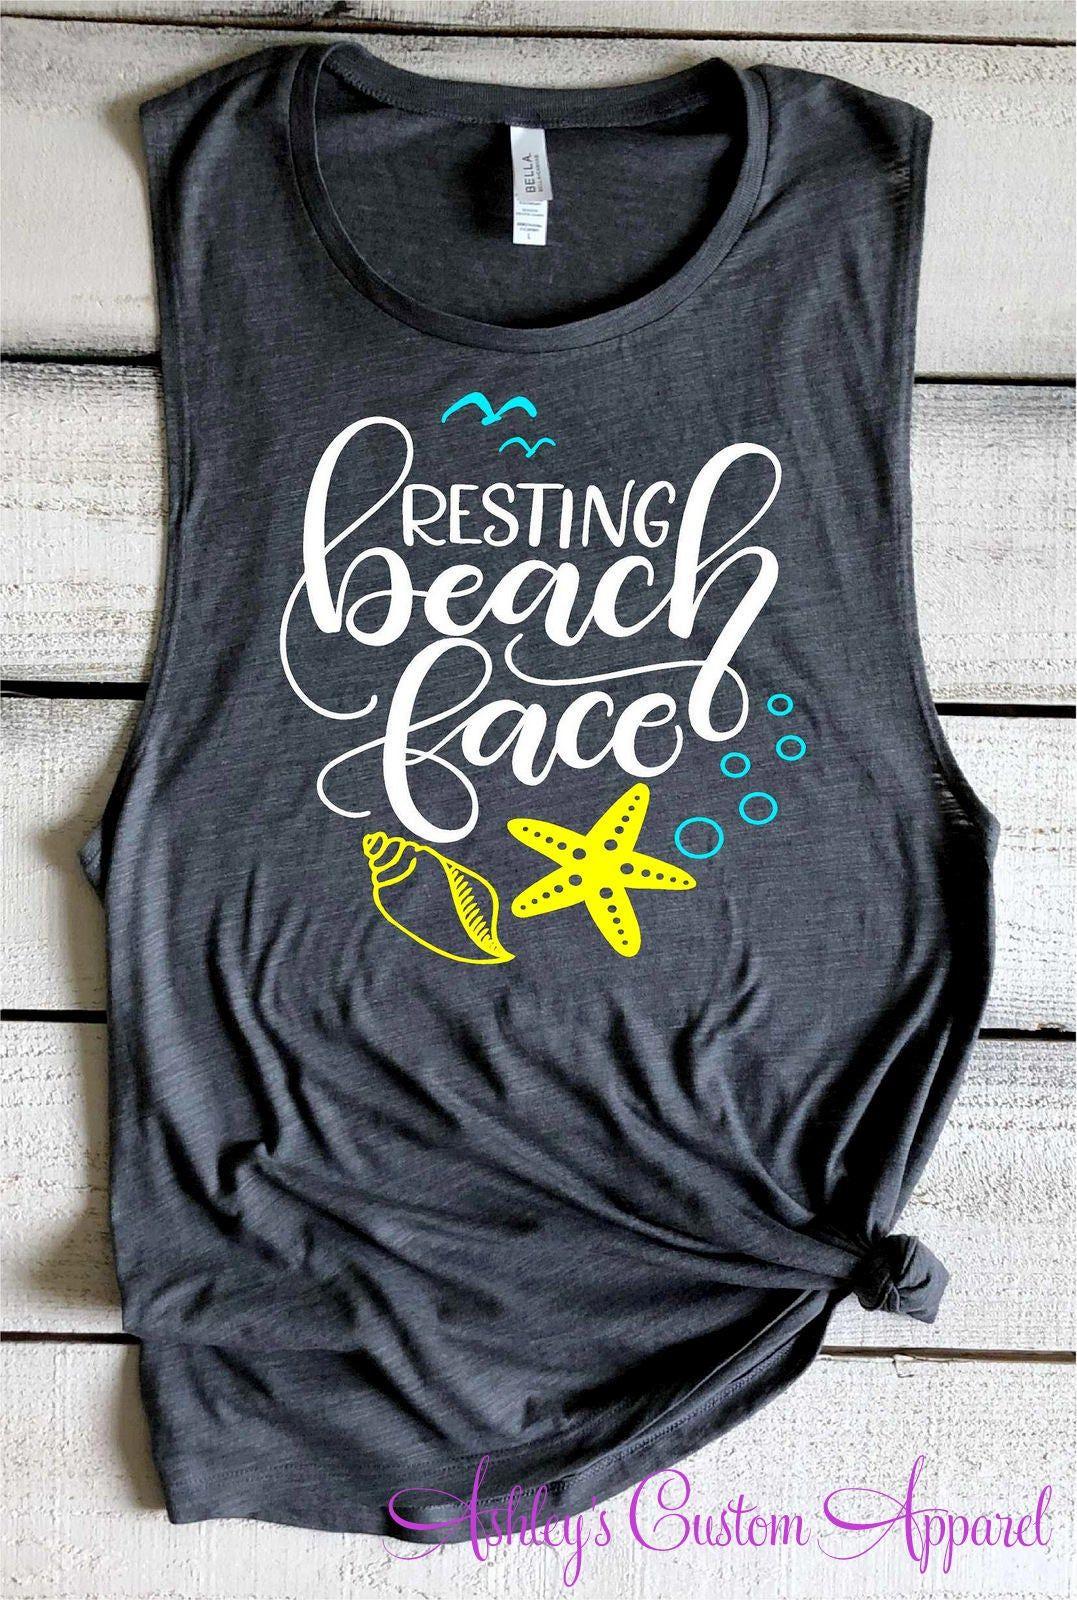 Beach Shirts Resting Beach Face Summer Vacation Tank Tops Funny Beach Shirt Beach Cover Up Girls Trip Shirts Beach Please Beach Bound Tee